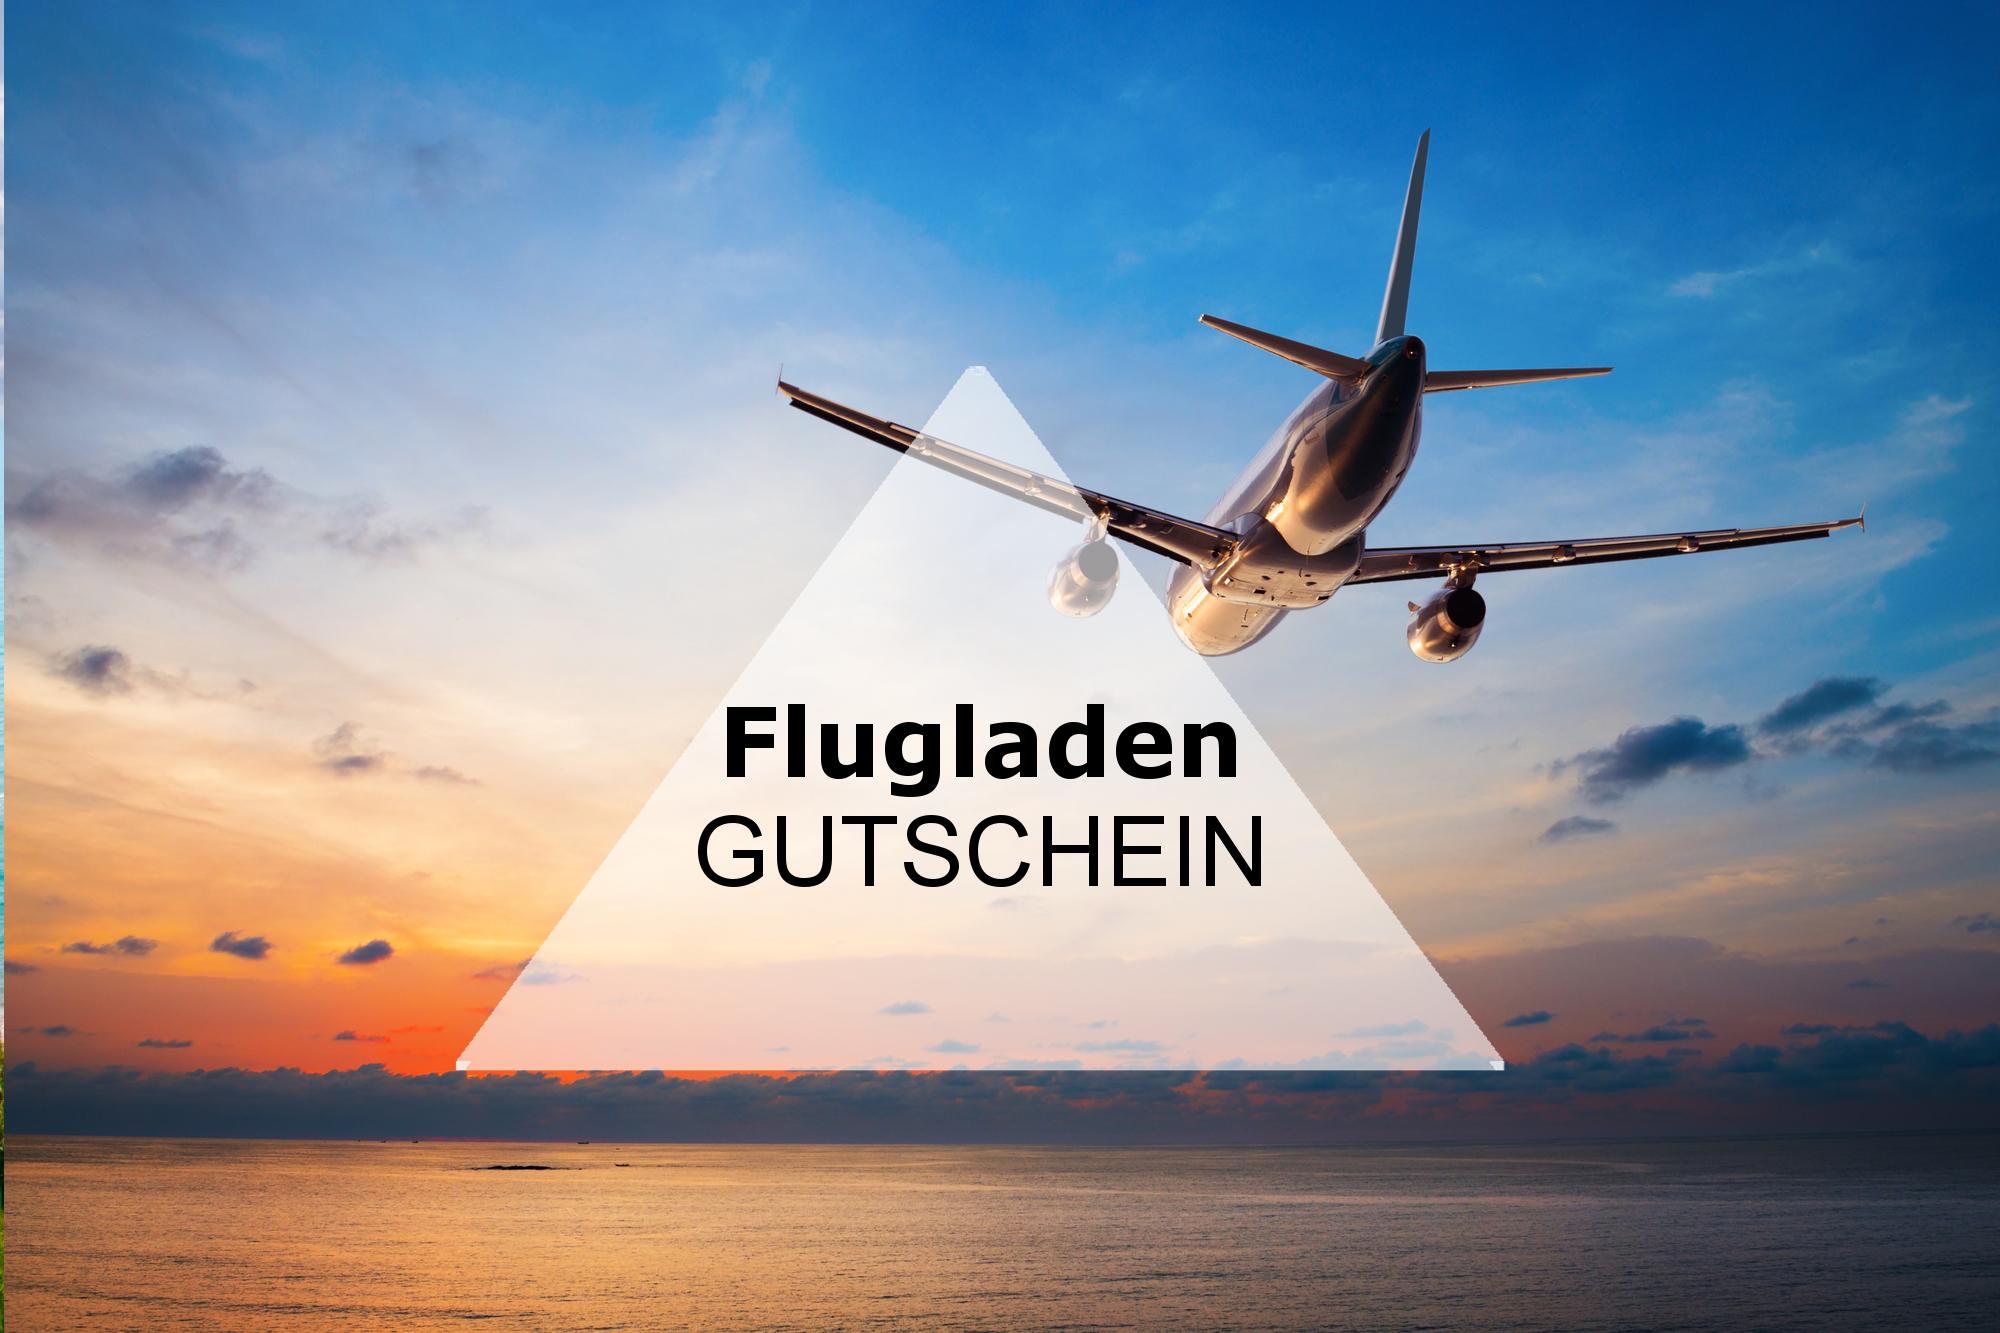 Flugladen gutschein 20 rabatt auf alle fl ge for Bodendirect 20 rabatt